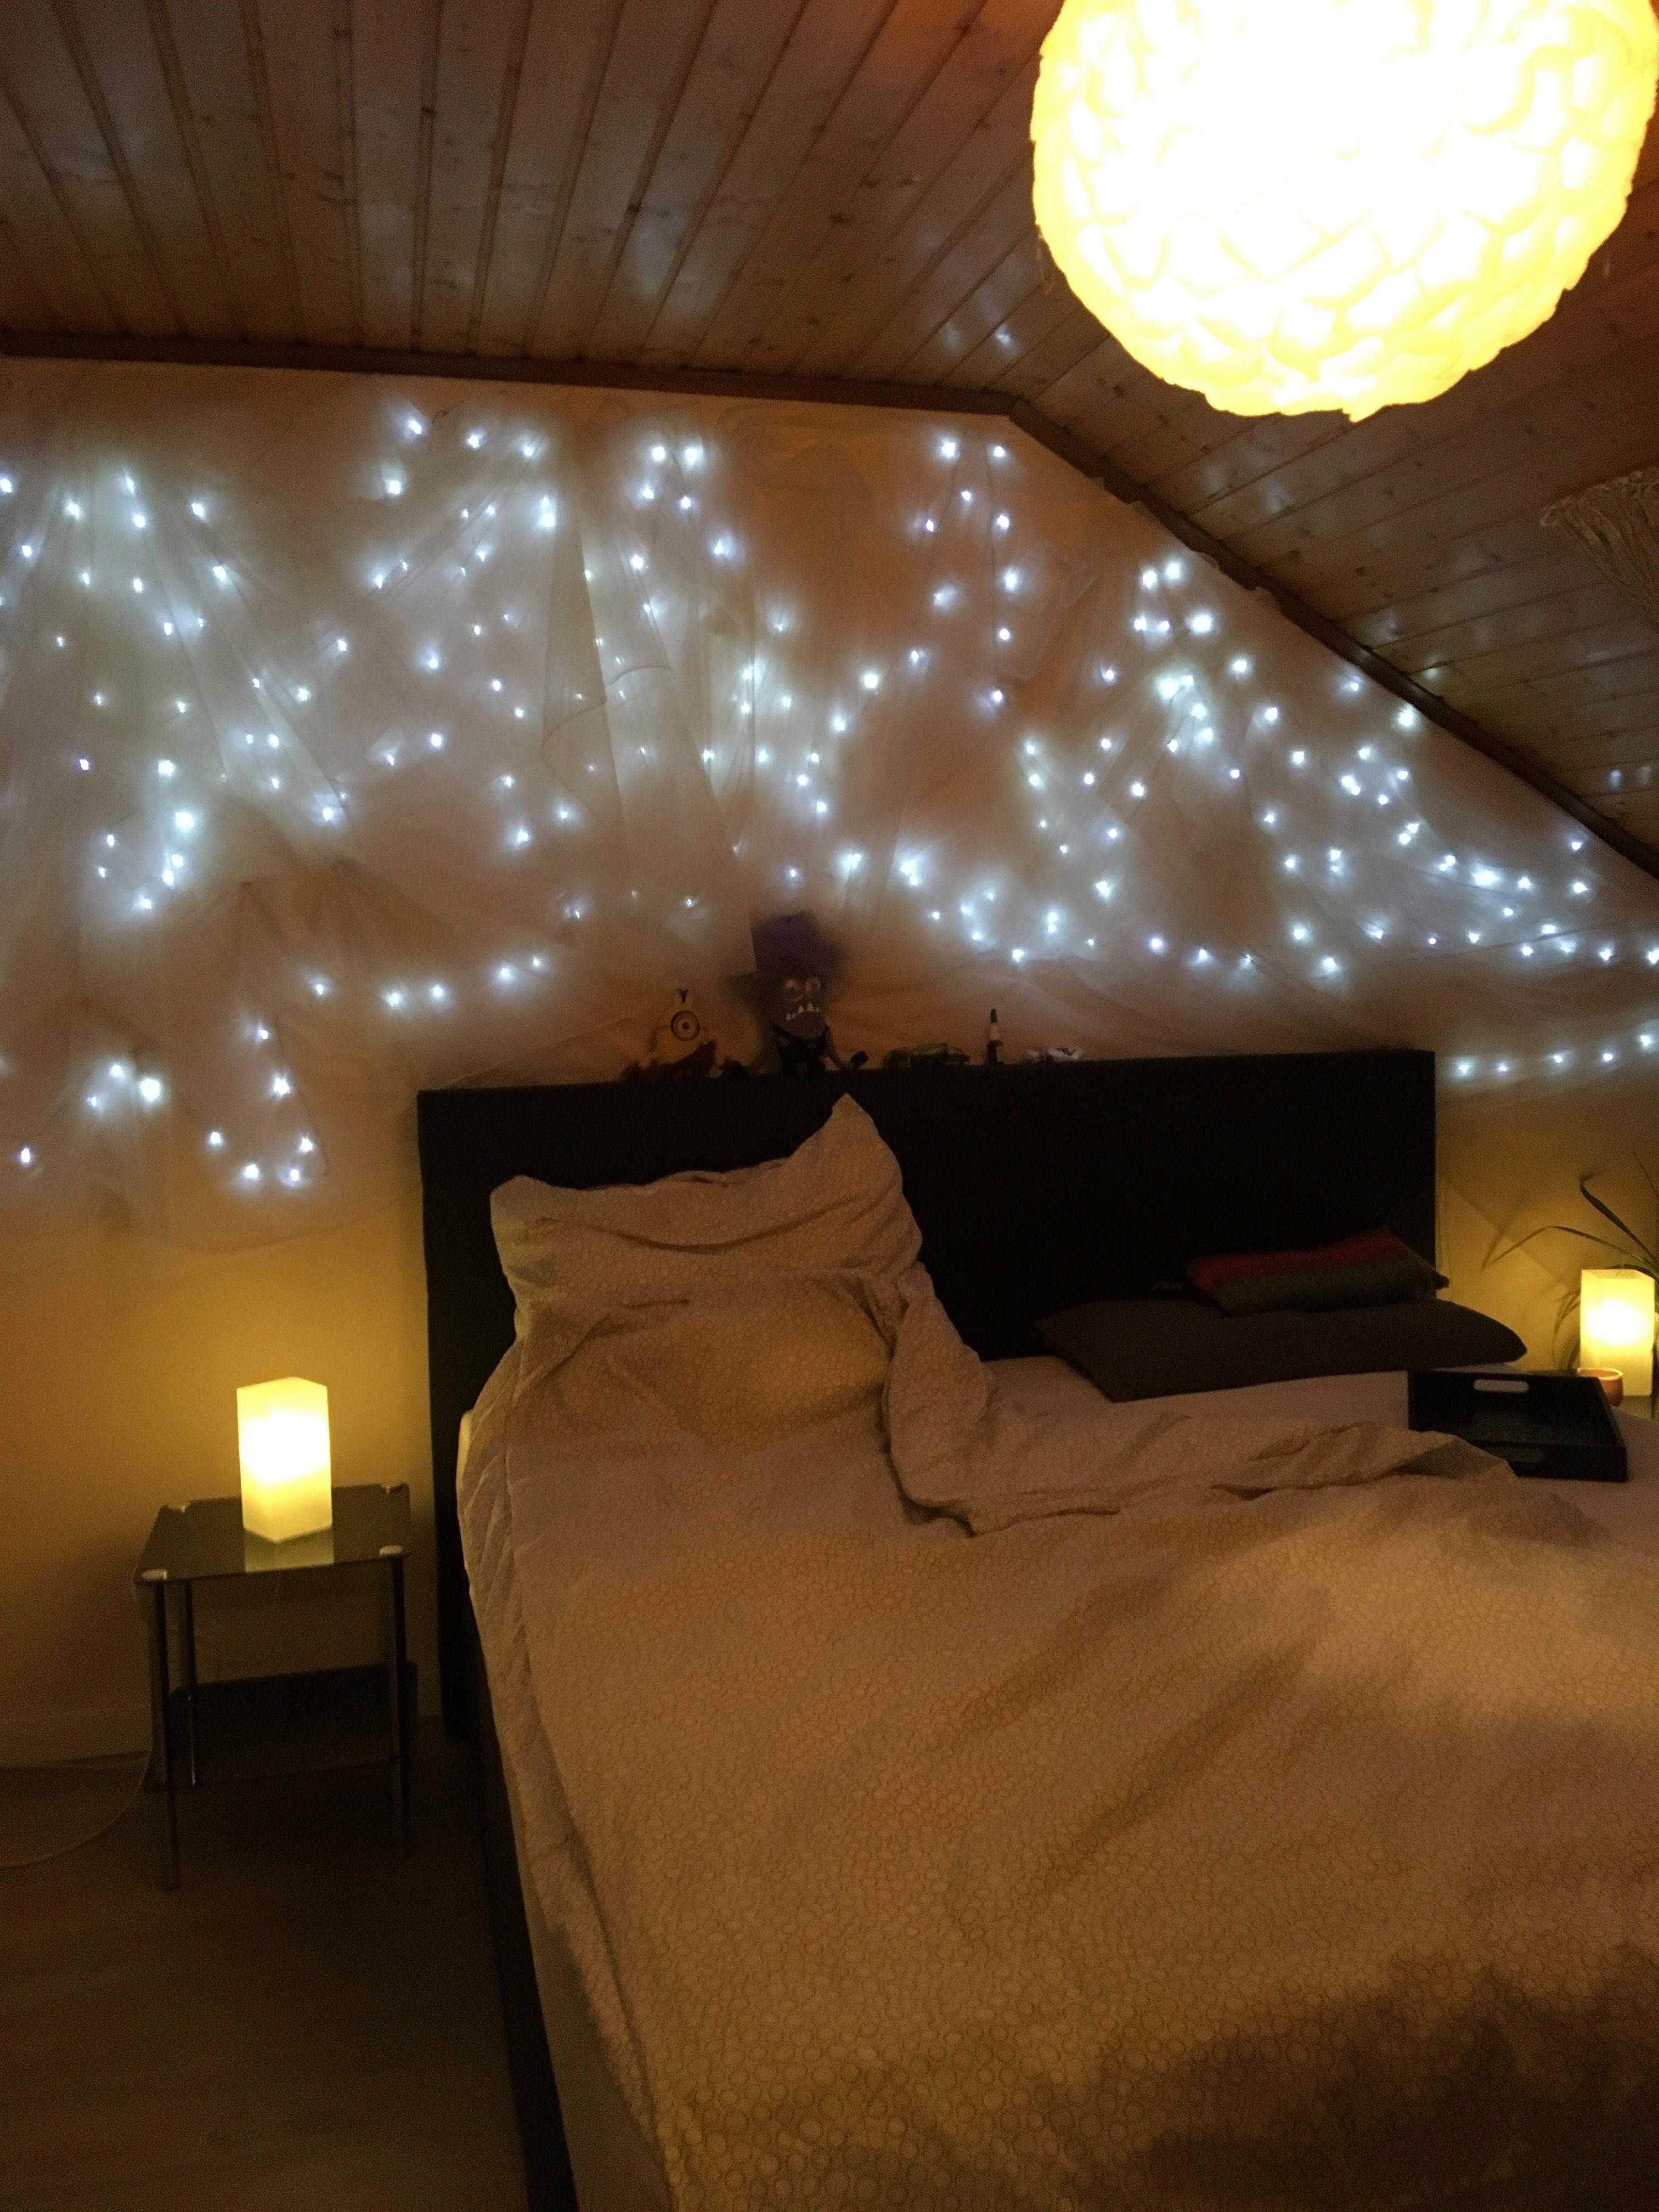 Lichterkette Und Ikea Gardine An Wand Drapiert Macht Ein Gemutliches Schlafzimmer Gemutliches Schlafzimmer Gemutlich Schlafzimmer